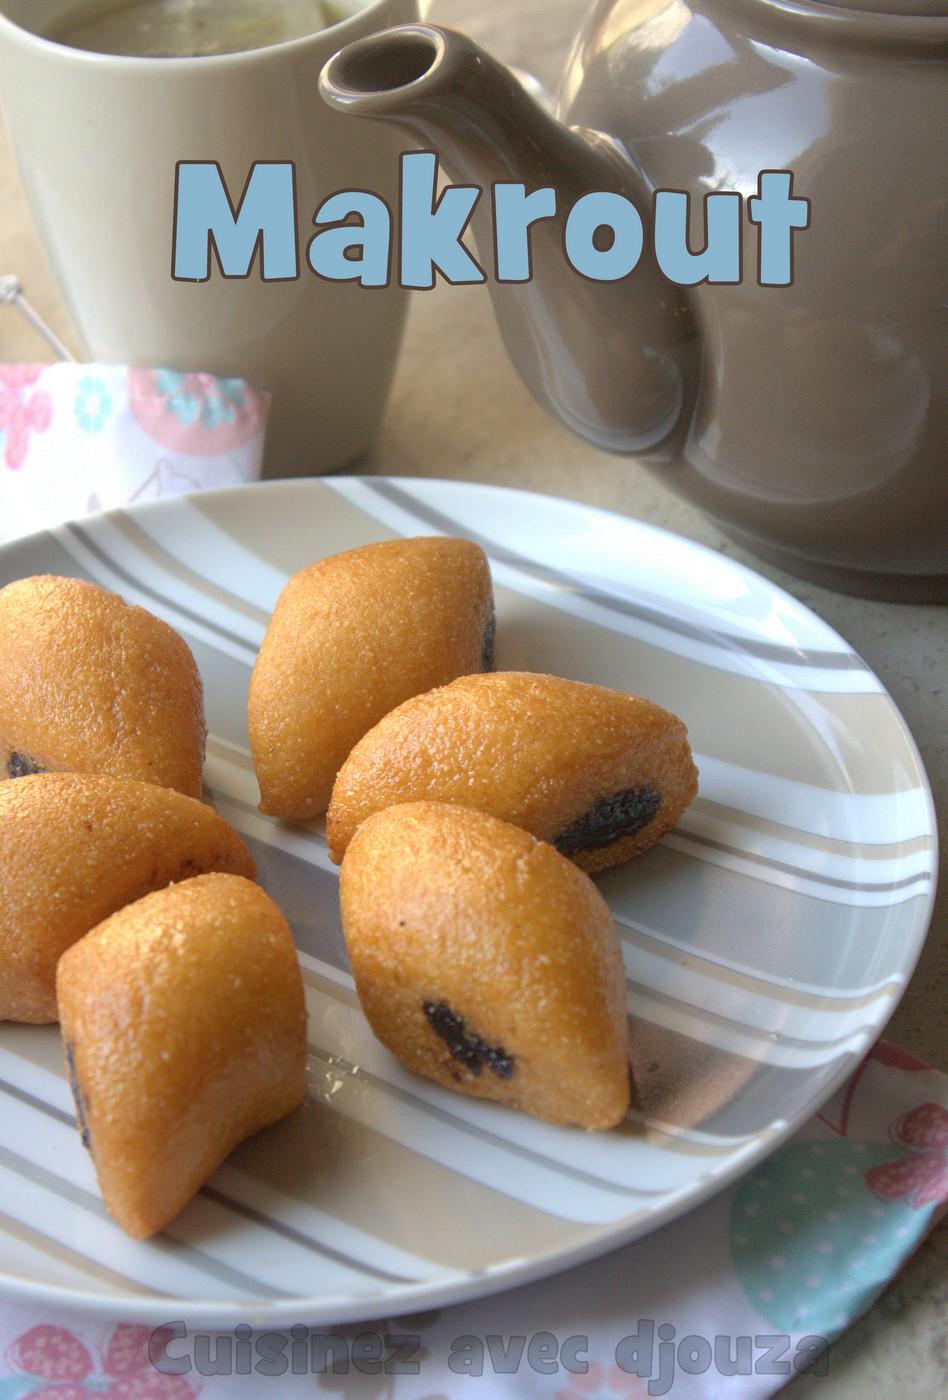 Makrout aux dattes cuits dans l'huile